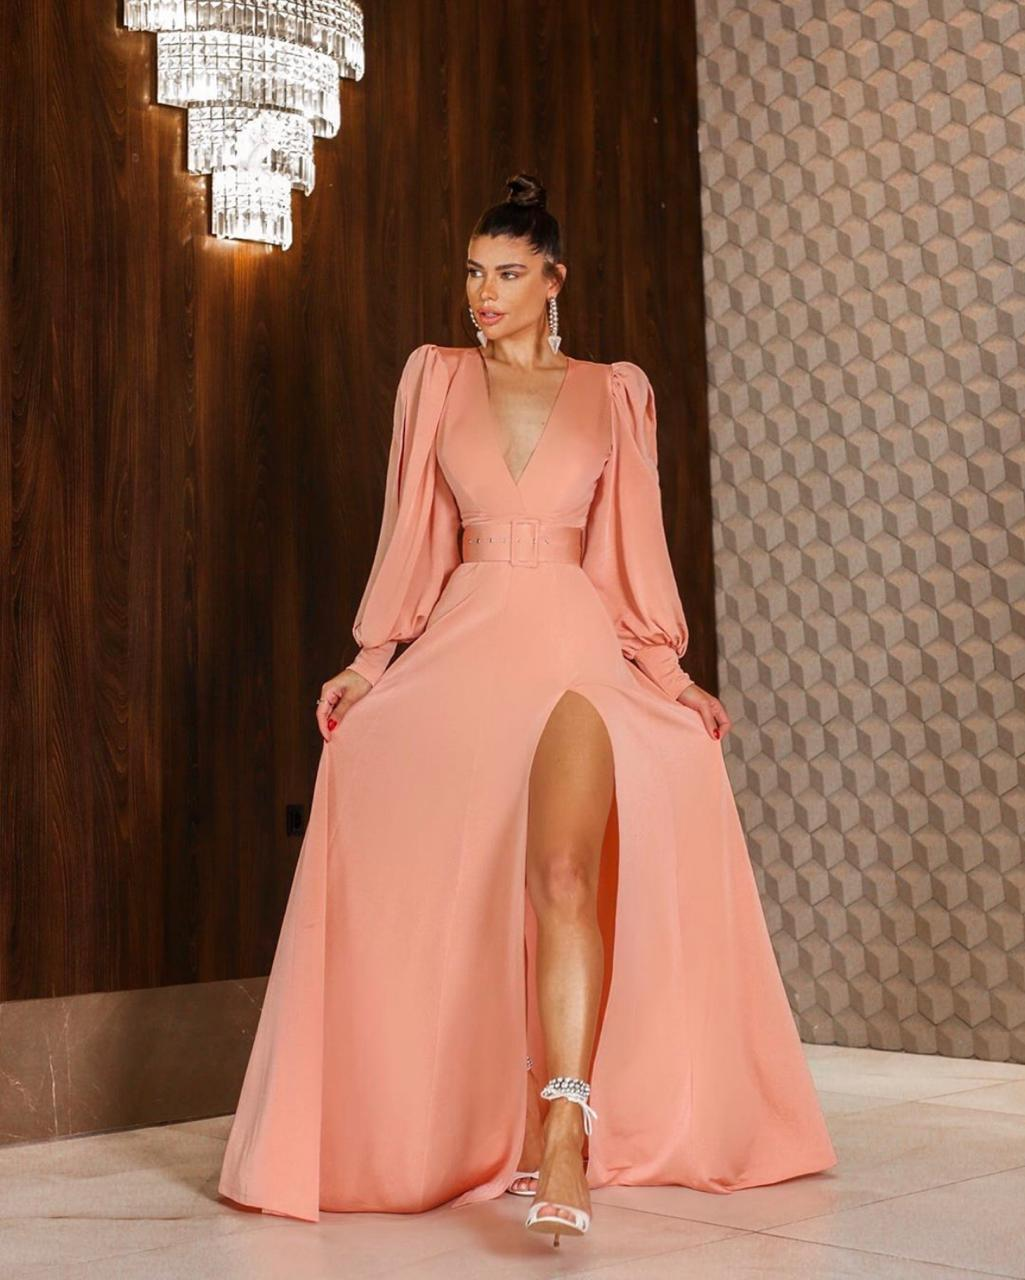 Vestido Claire  - Empório NM